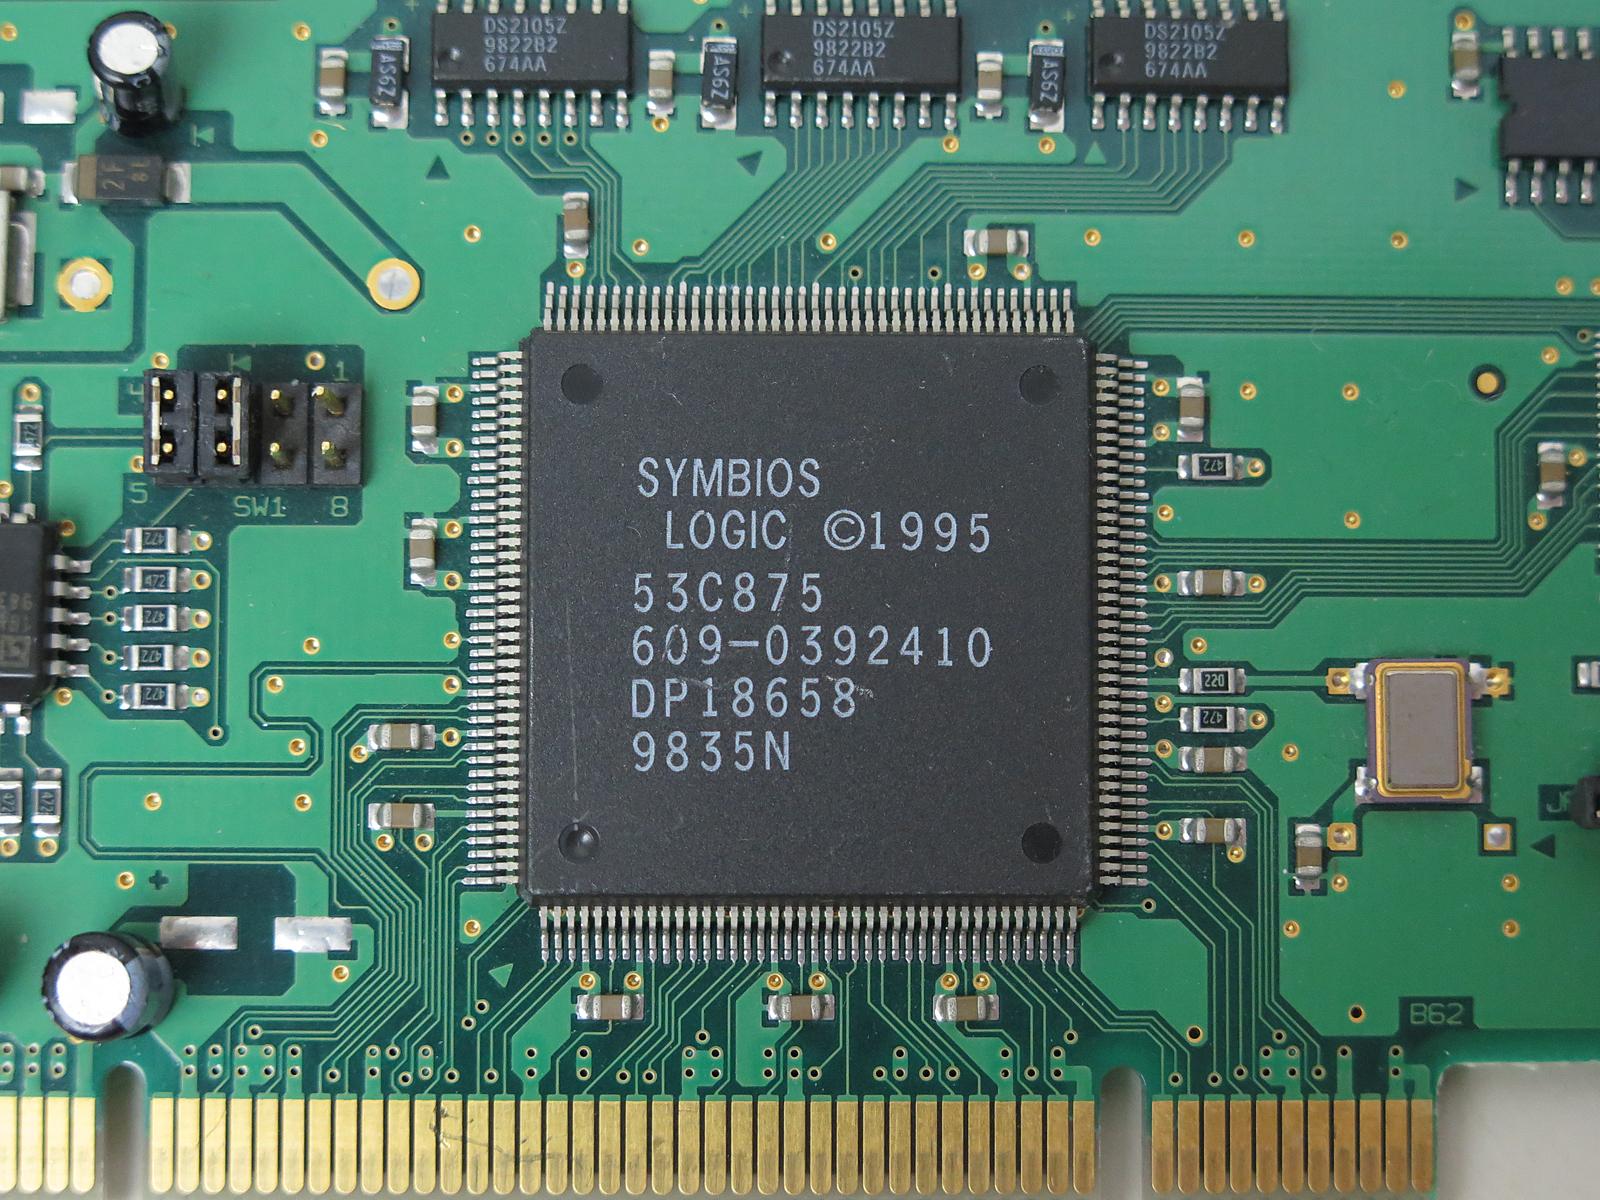 SC-UPCI-3はSymbiosのロゴ入り